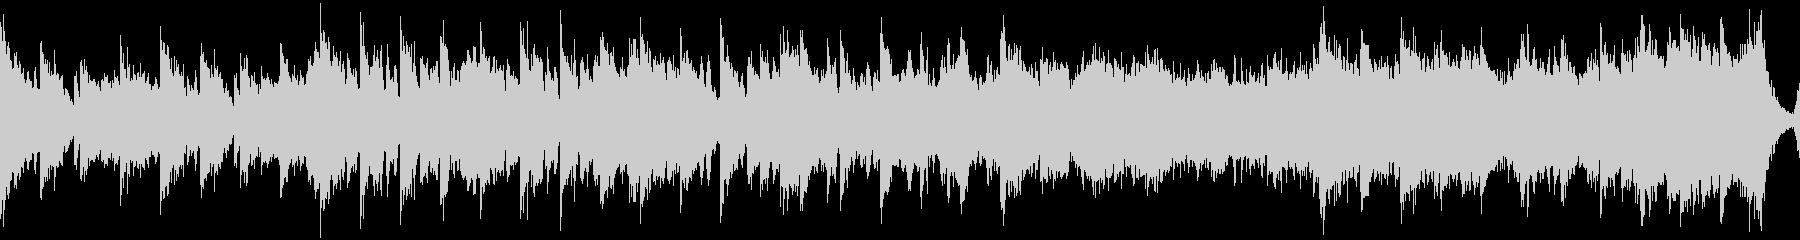 中華風の穏やかなBGM・ループの未再生の波形